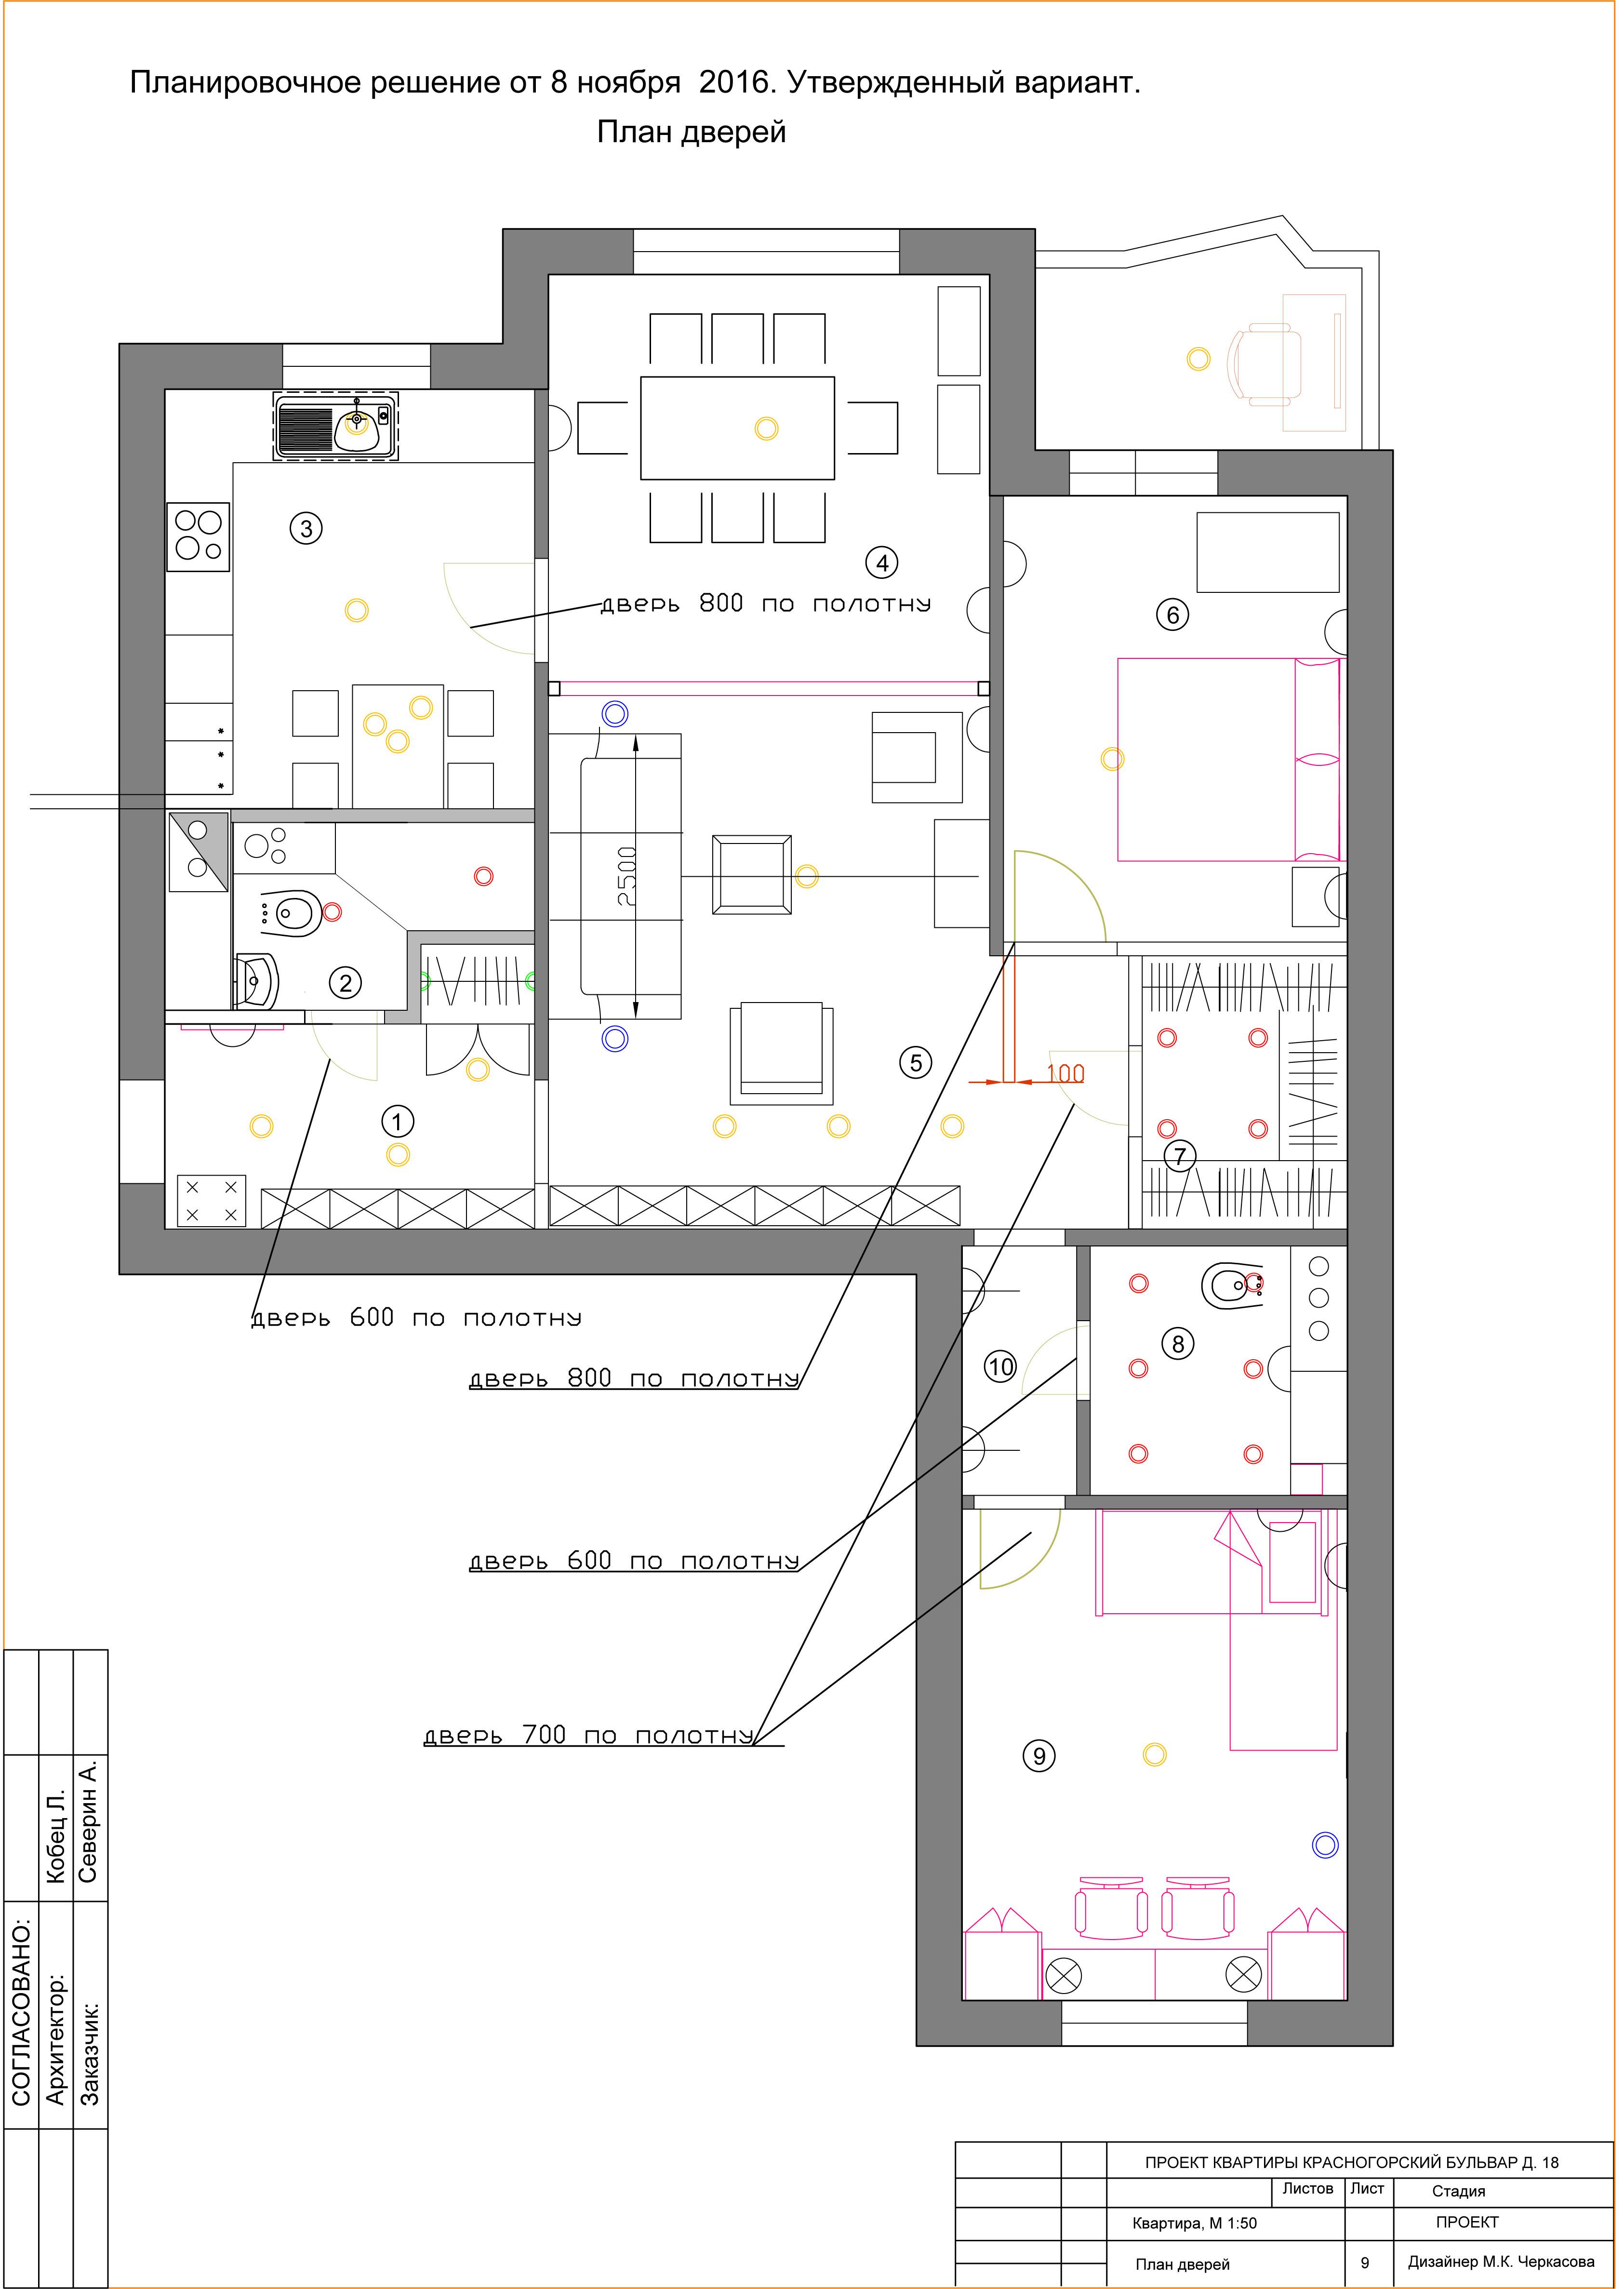 Лист_9_ план дверей